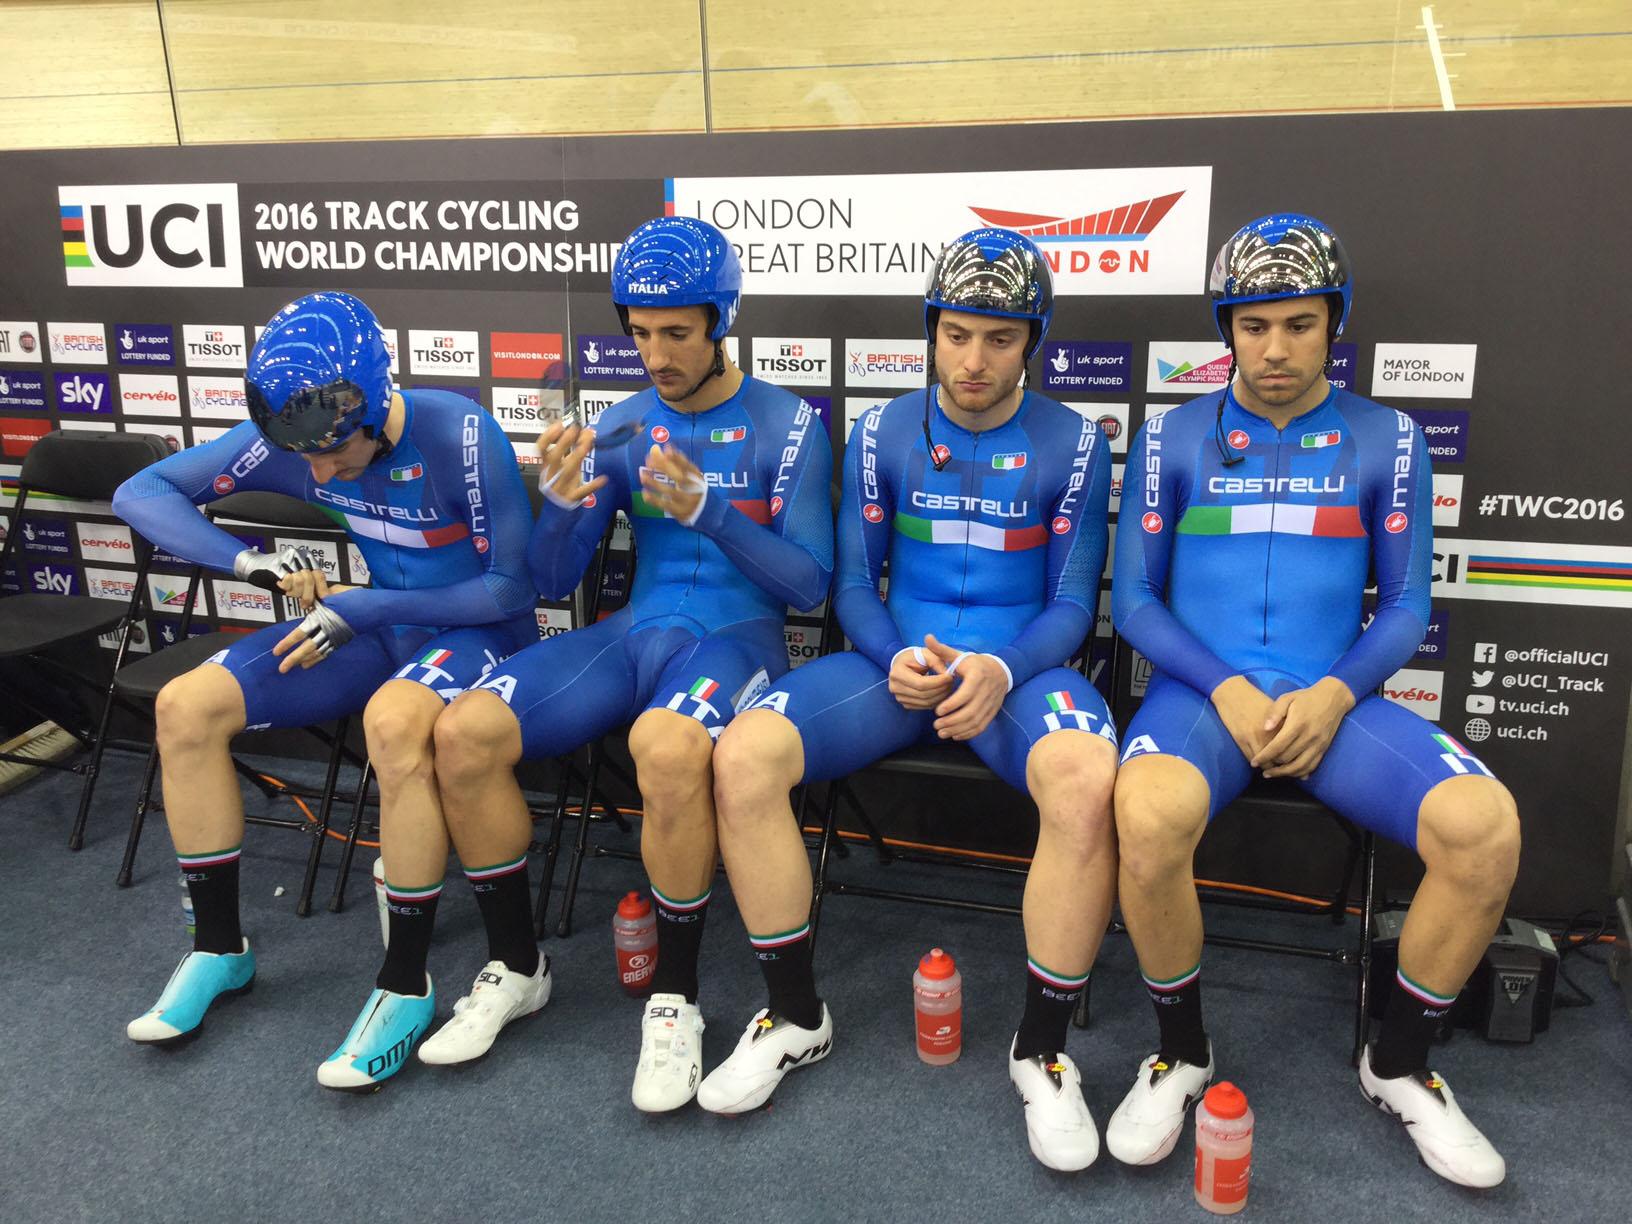 Il quartetto azzurro che ha fatto registrare il nuovo record italiano